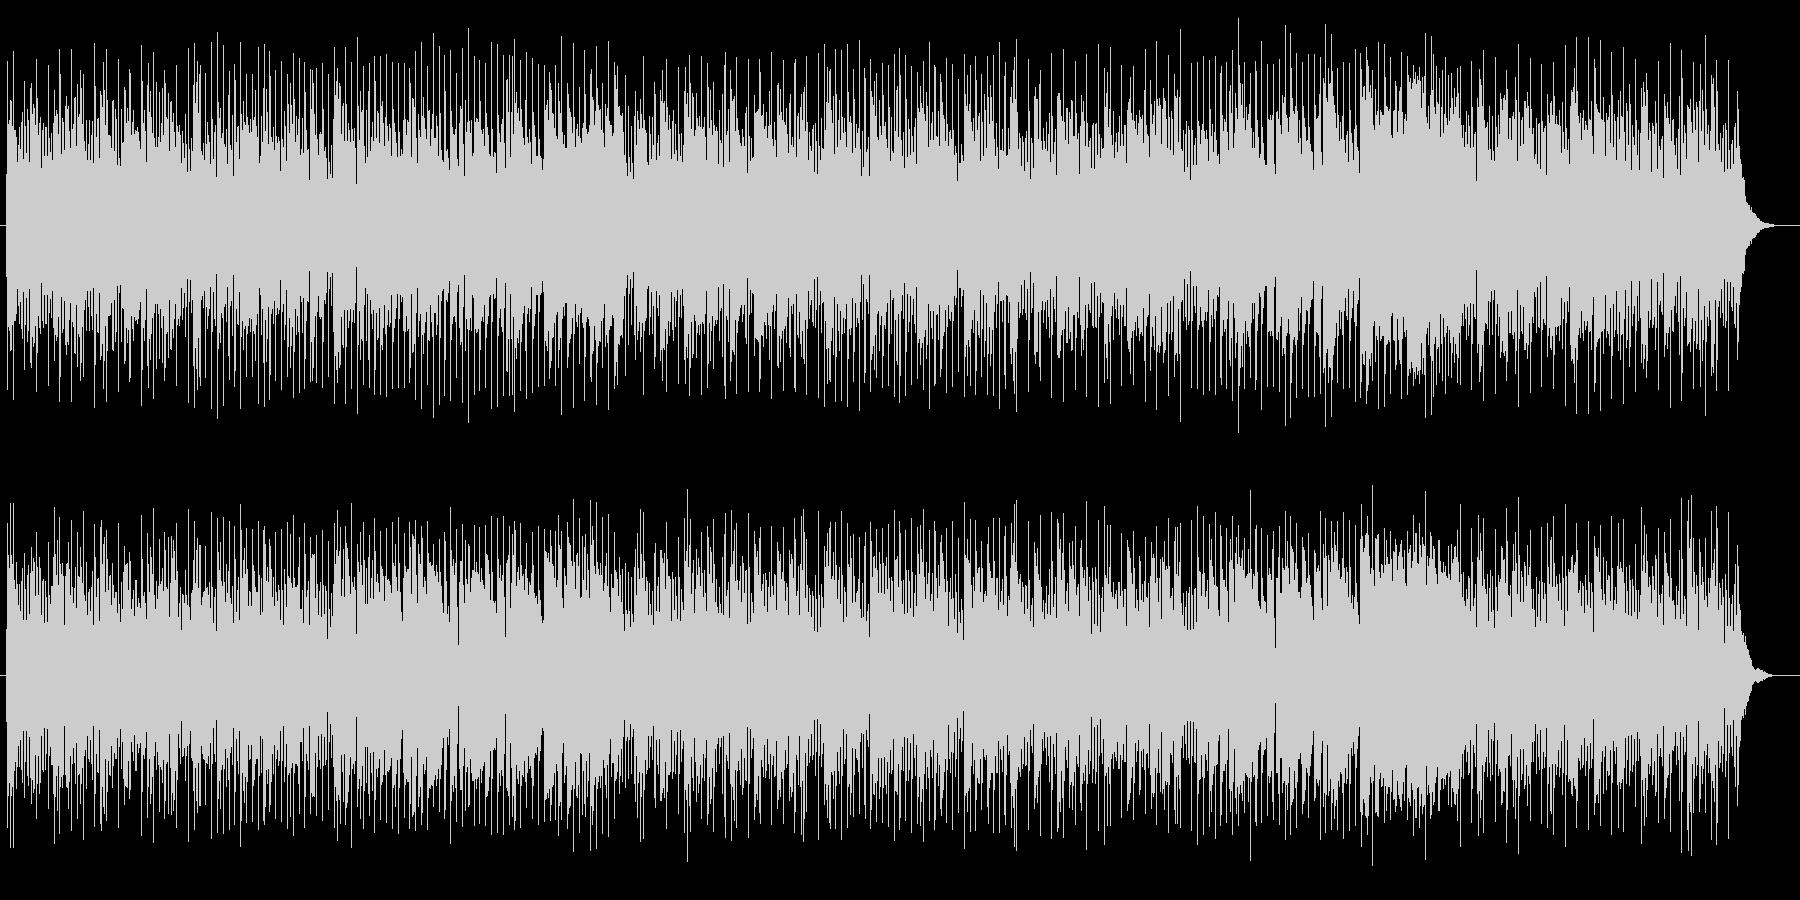 エレキギターとピアノ楽しいポップサウンドの未再生の波形